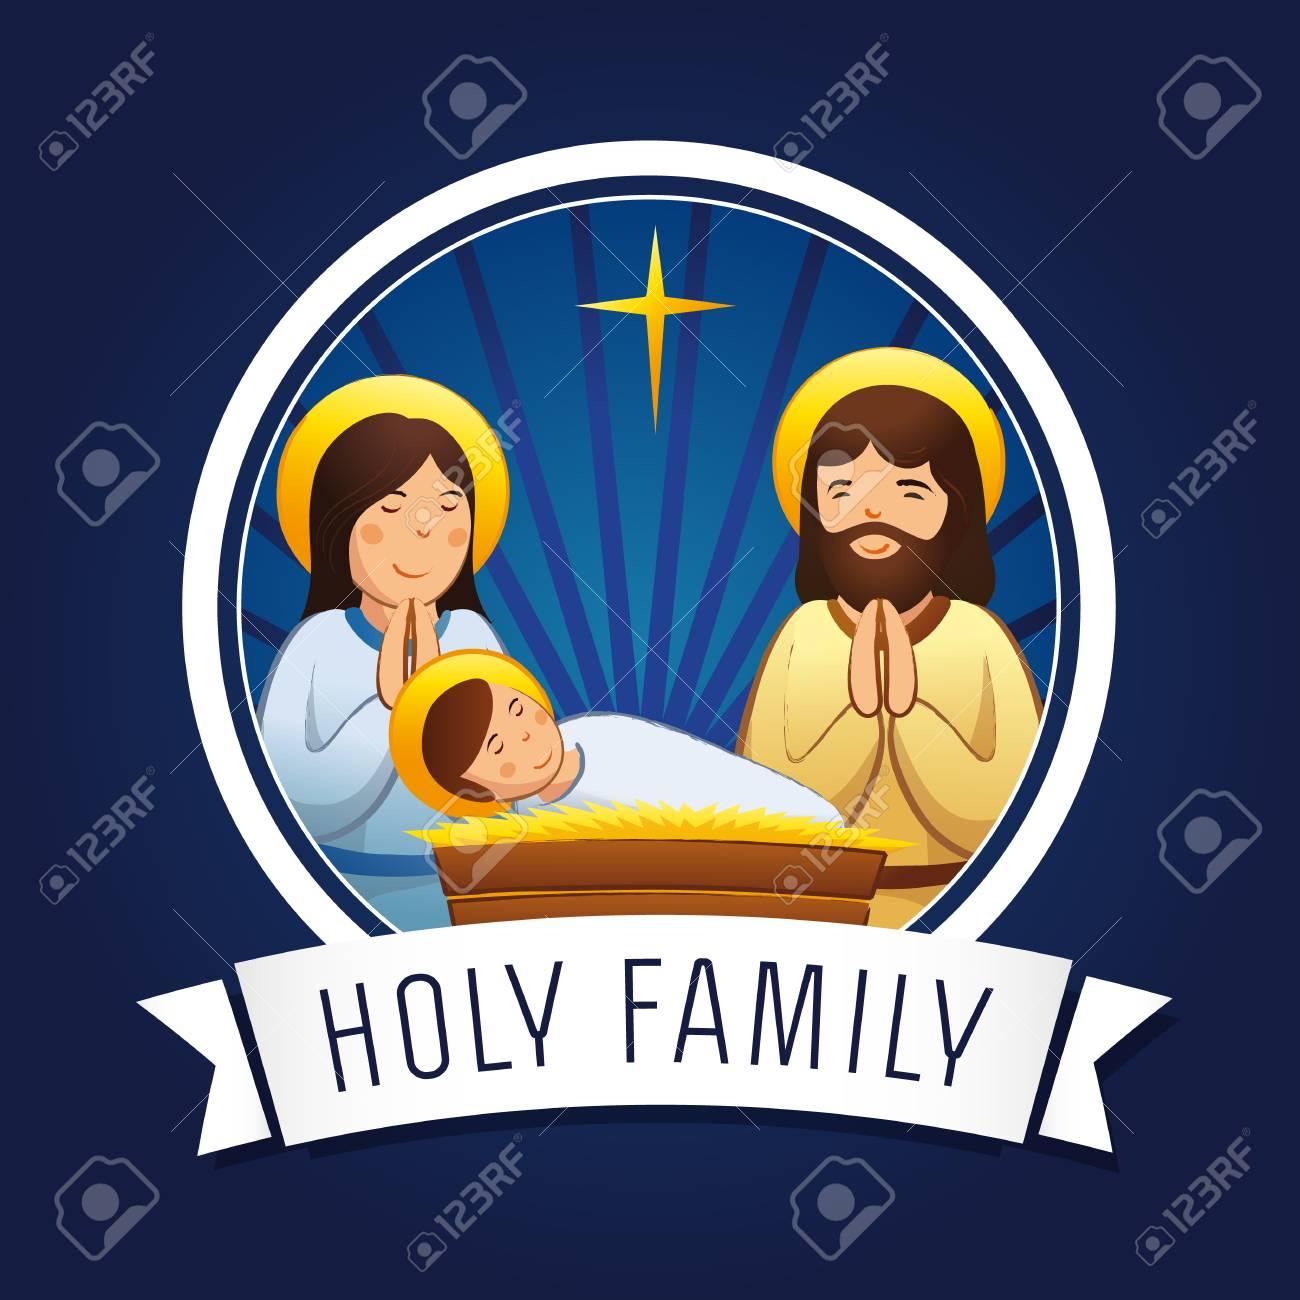 Frohe Weihnachten, Religiöse Grüße Eines Guten Rutsch Ins Neue Jahr ...